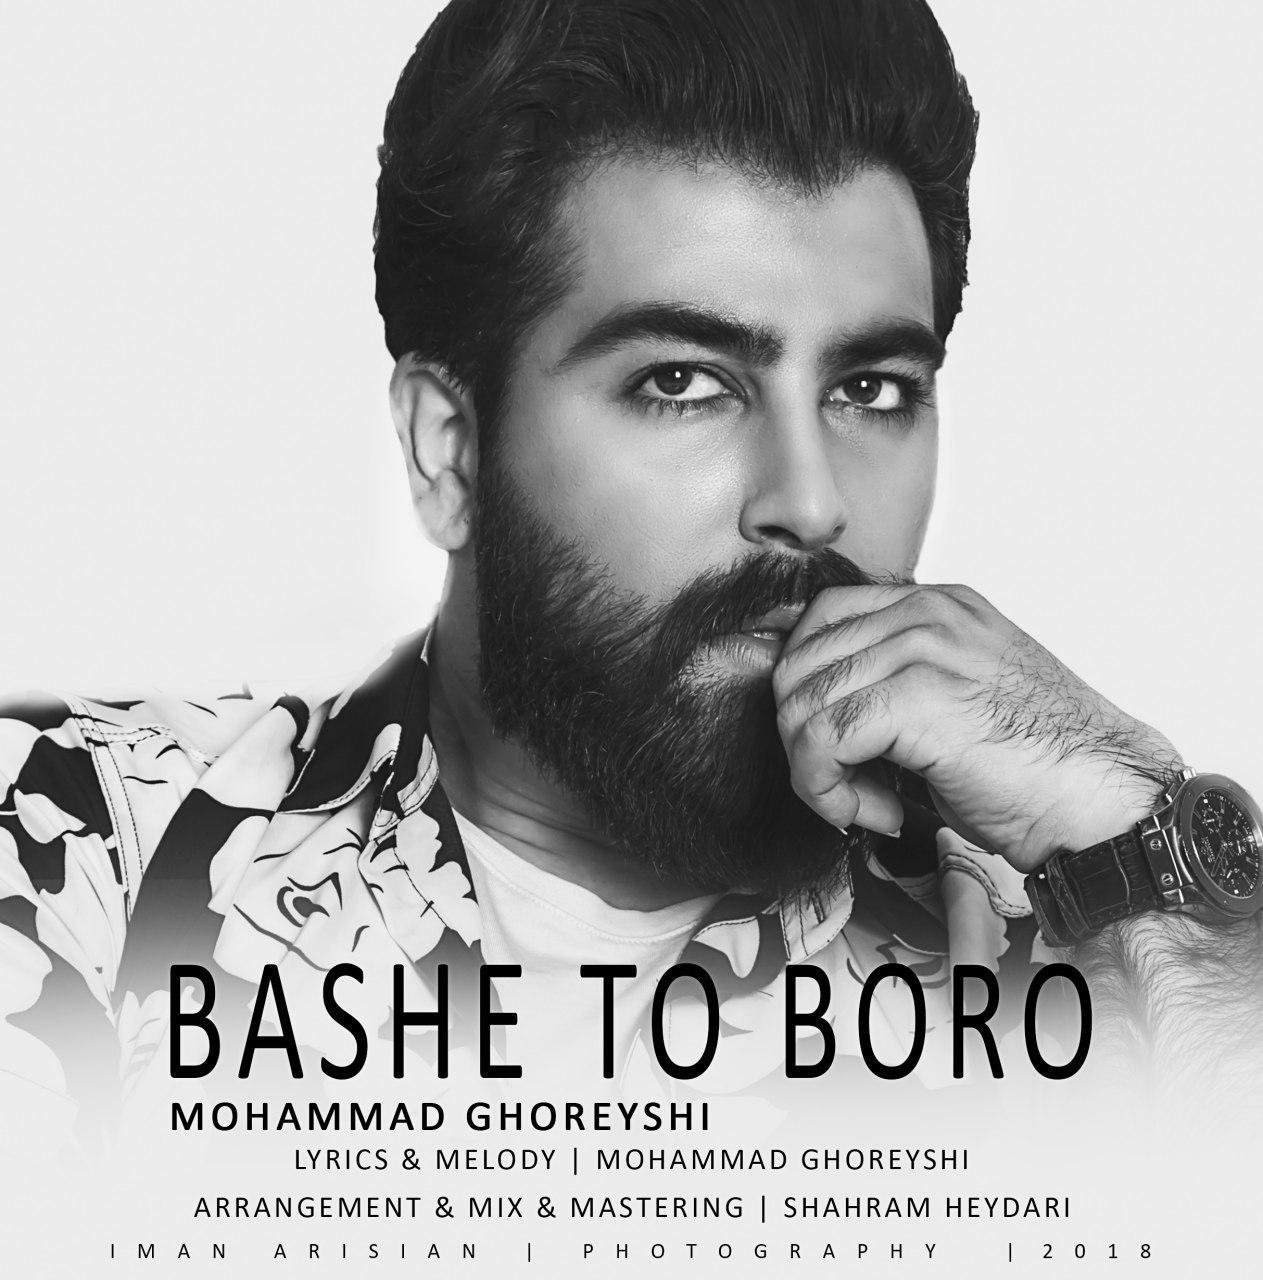 Mohammad Ghoreyshi – Bashe To Boro